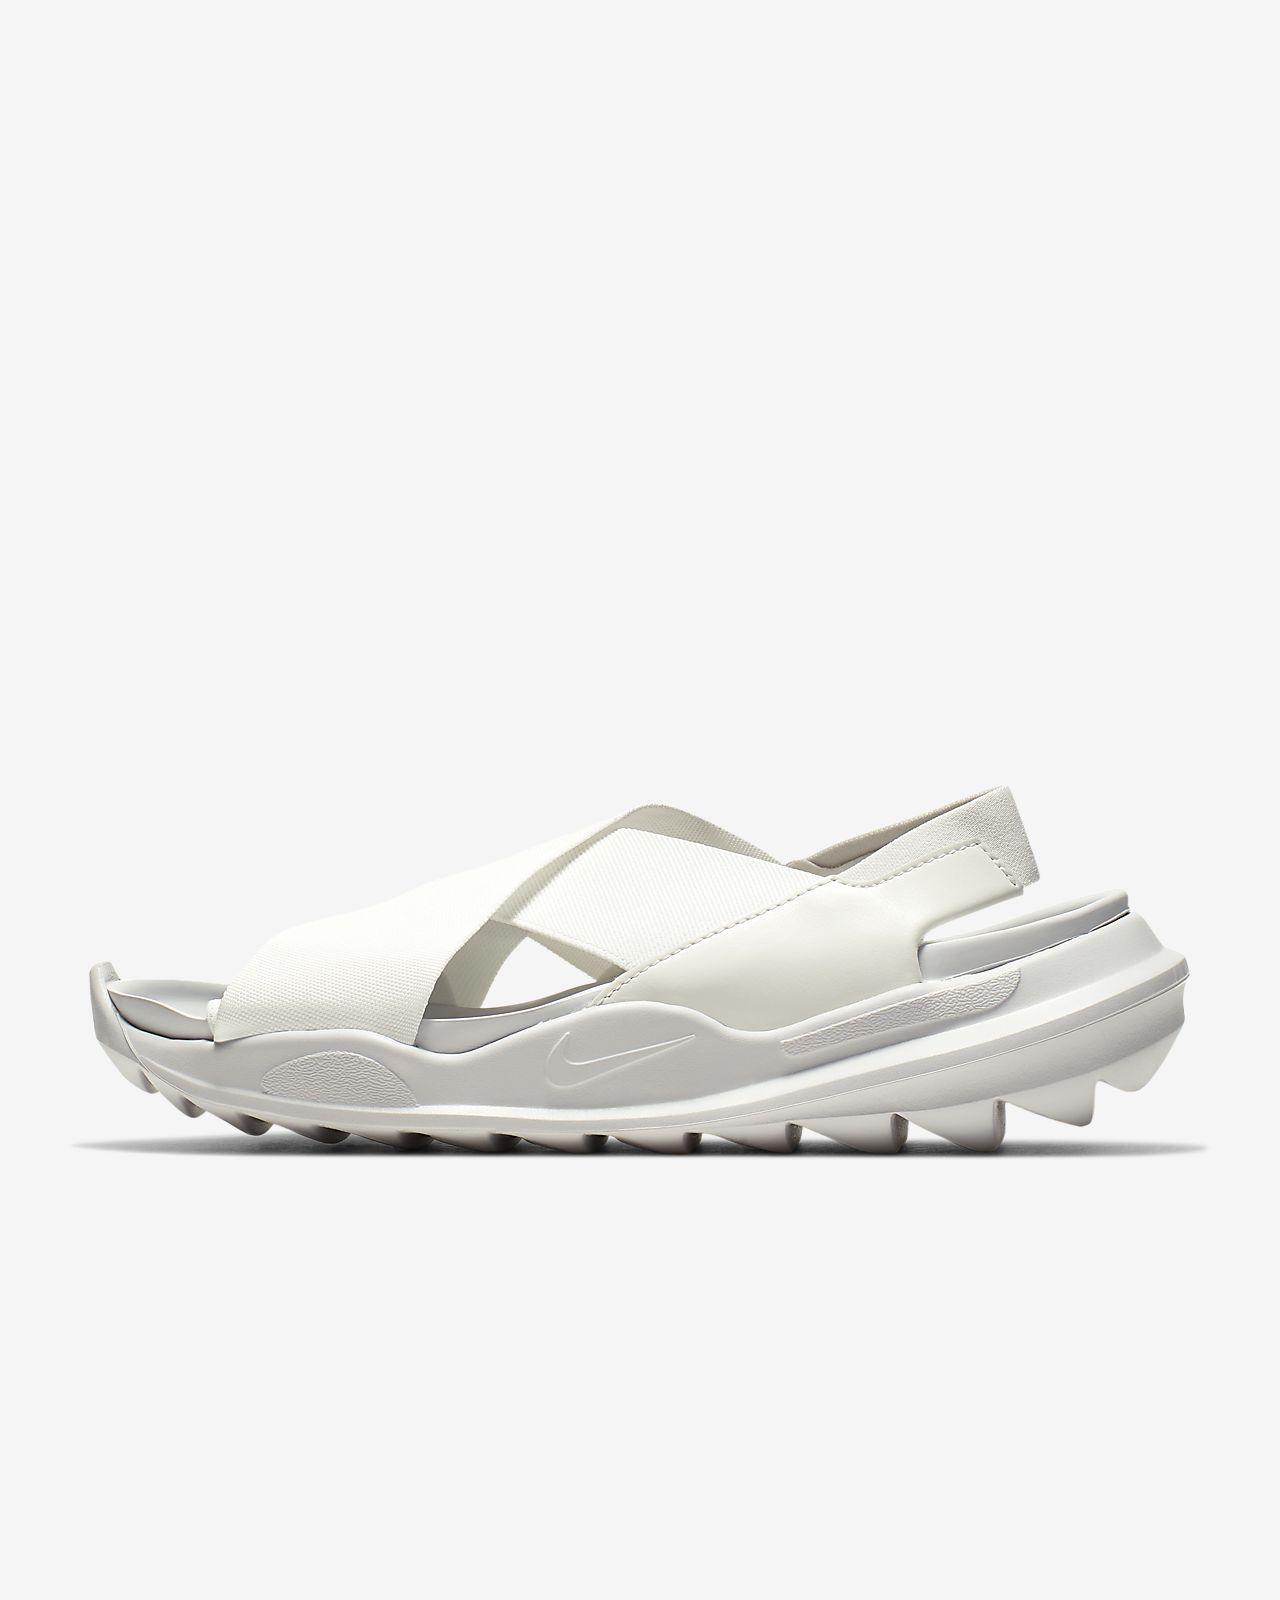 Nike Praktisk 女子凉鞋